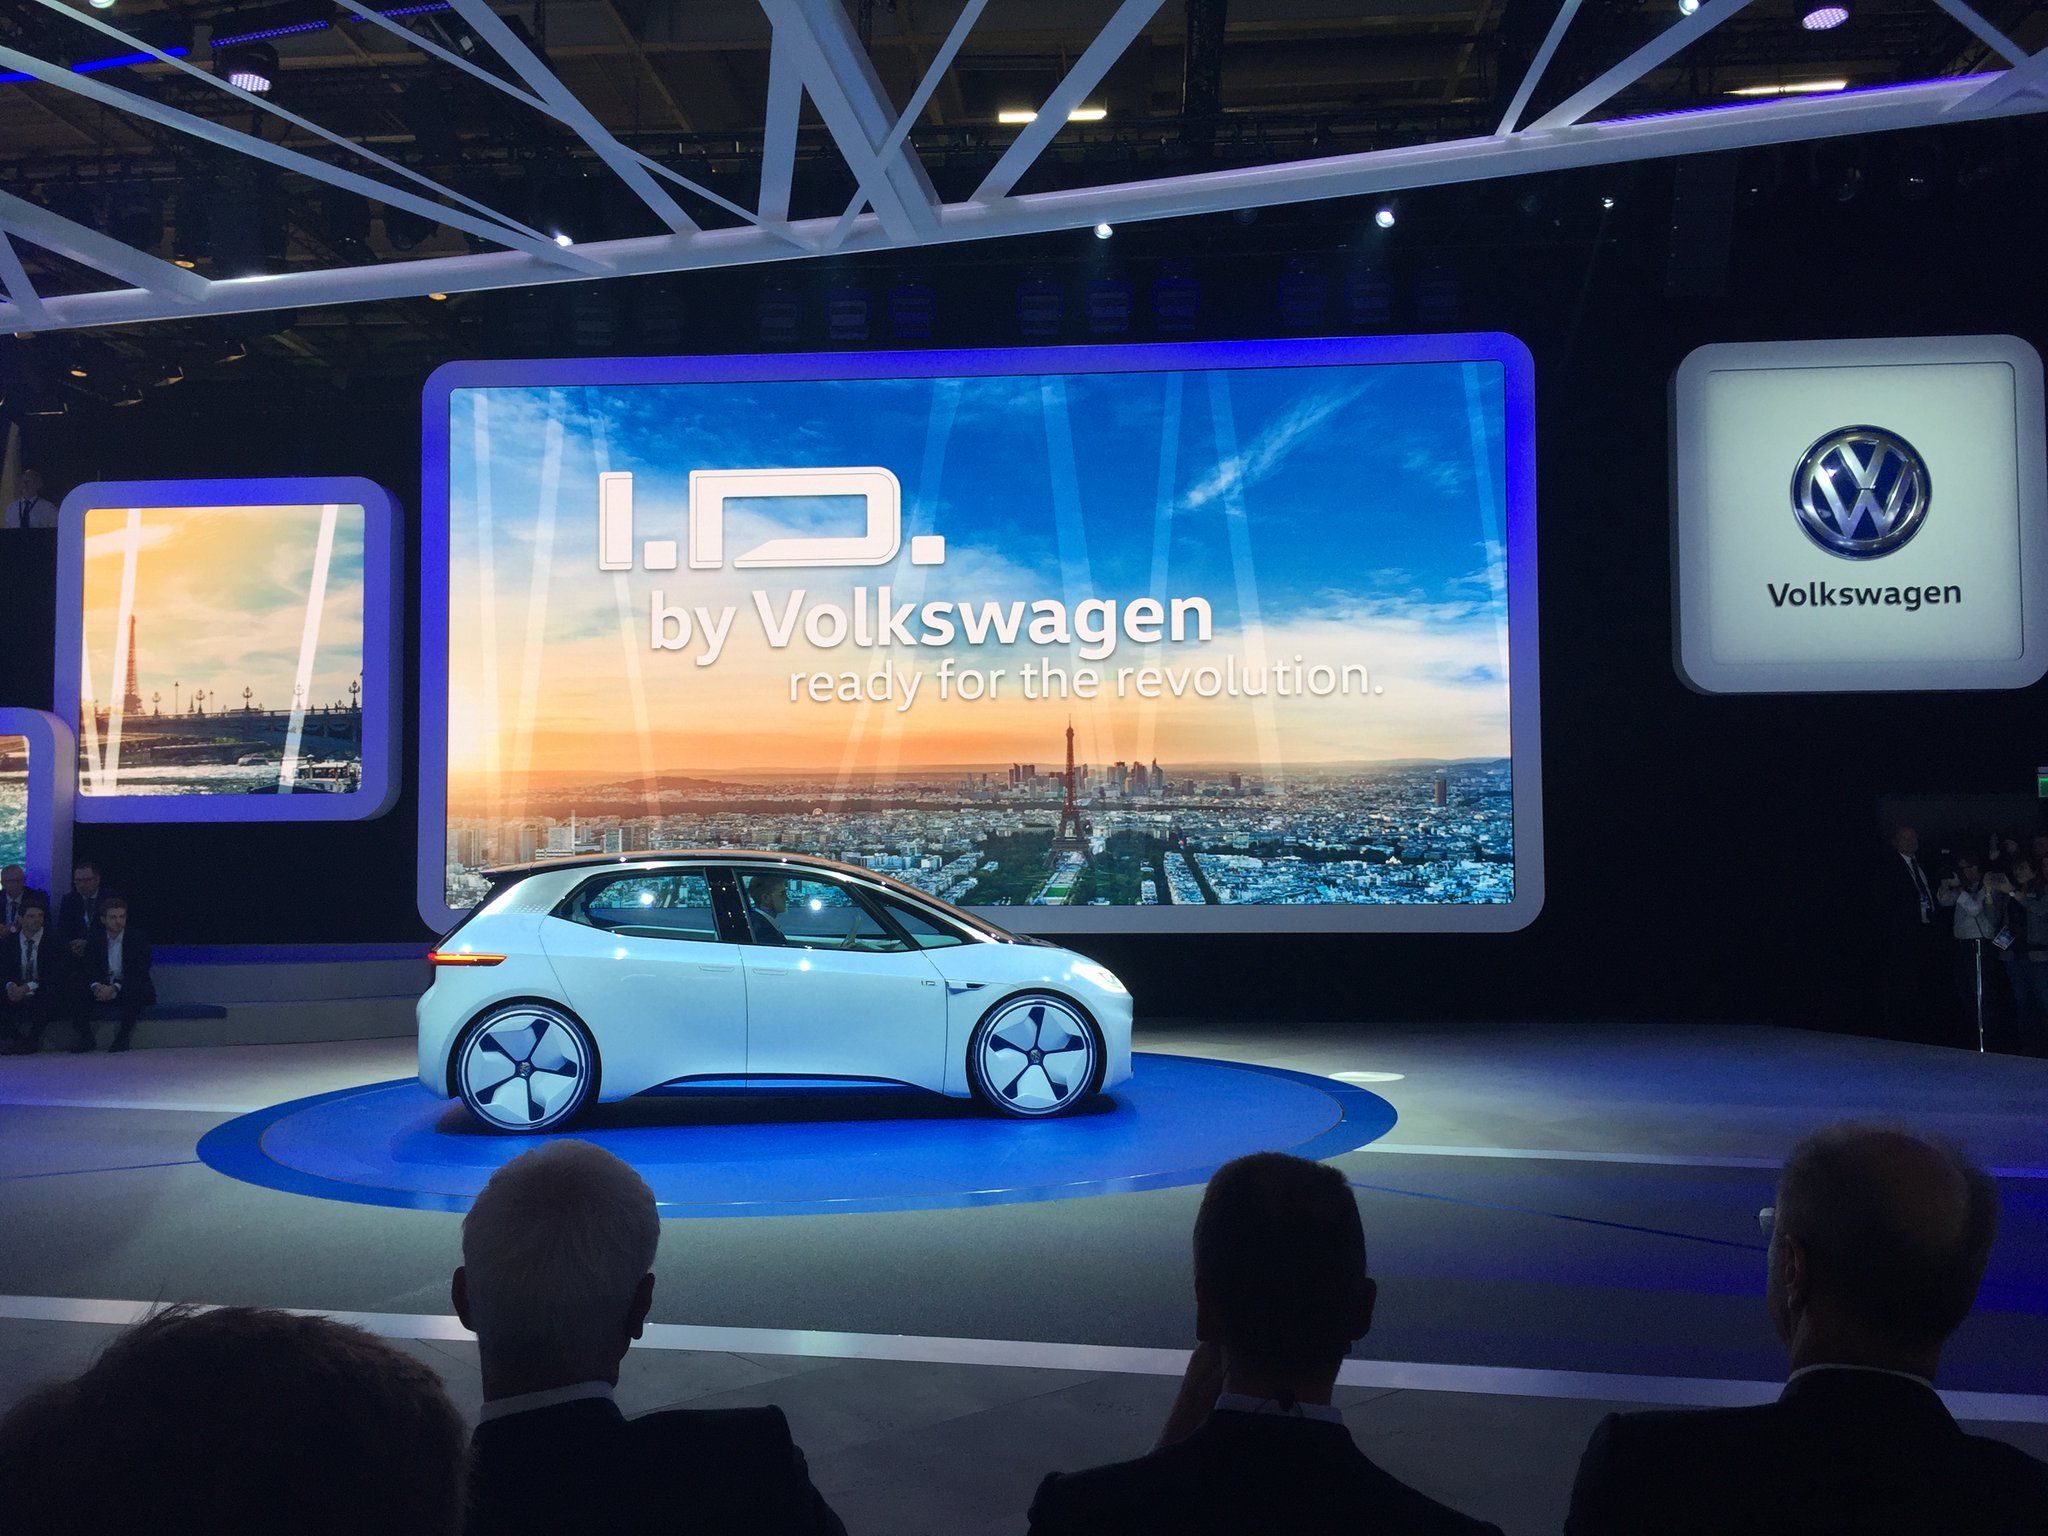 4ea628785 Elektroauto: VW I.D. mit hoher Reichweite von bis zu 600 km angekündigt